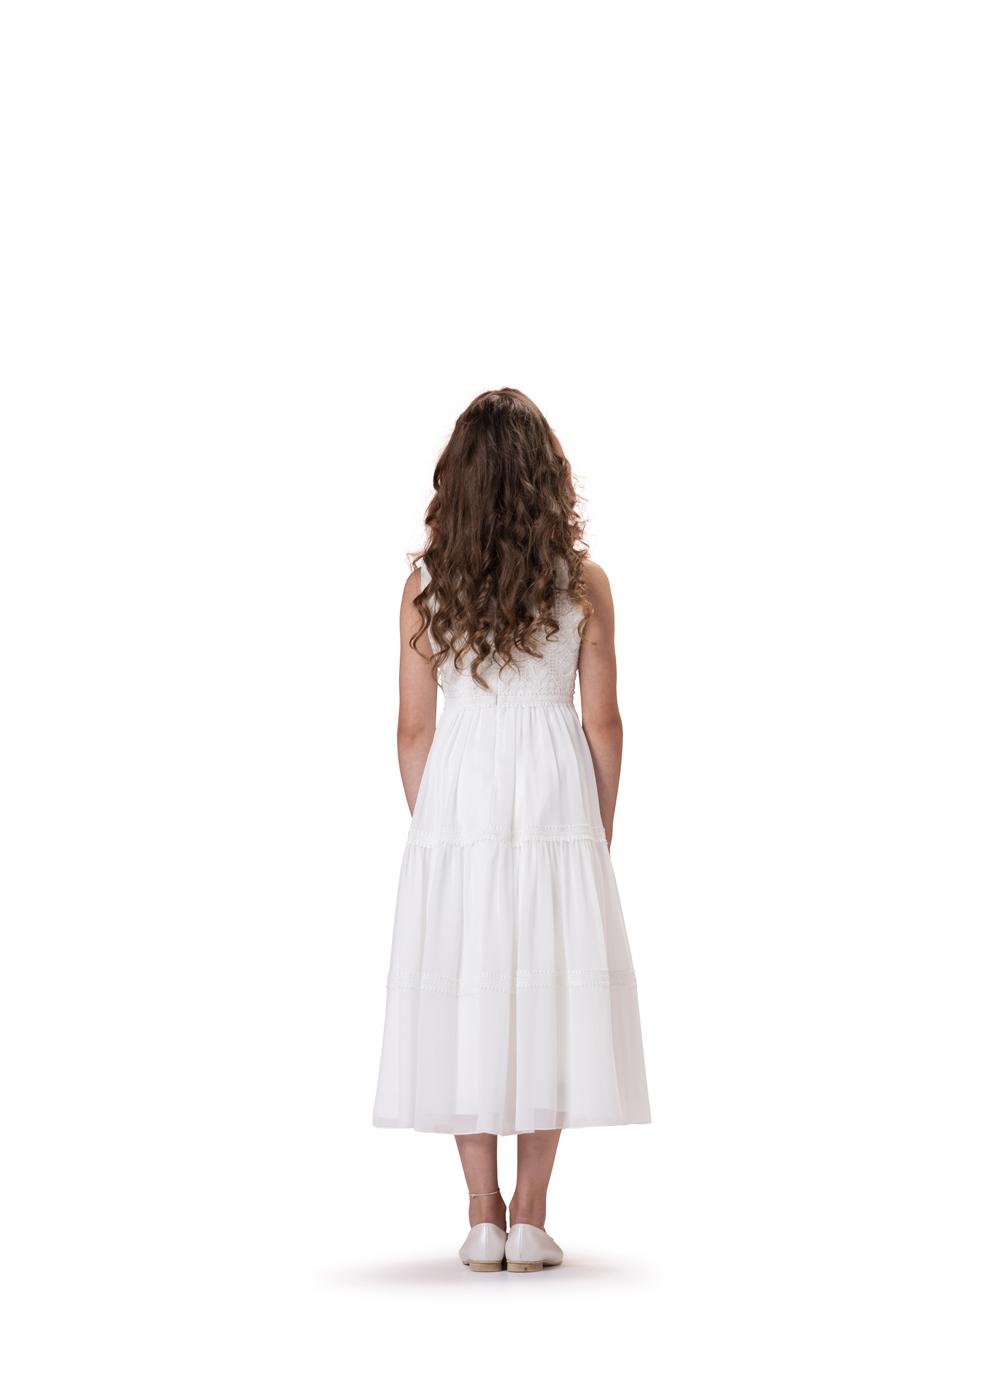 Vintage Kommunionkleid von Biancorella - Modell 520070. 7/8 langes Kleid im Vintage Look. Hochwertig verarbeitete Spitze am Oberteil kombiniert mit einem leichtem Stufenrock. Absolut trendig. Rückenansicht.